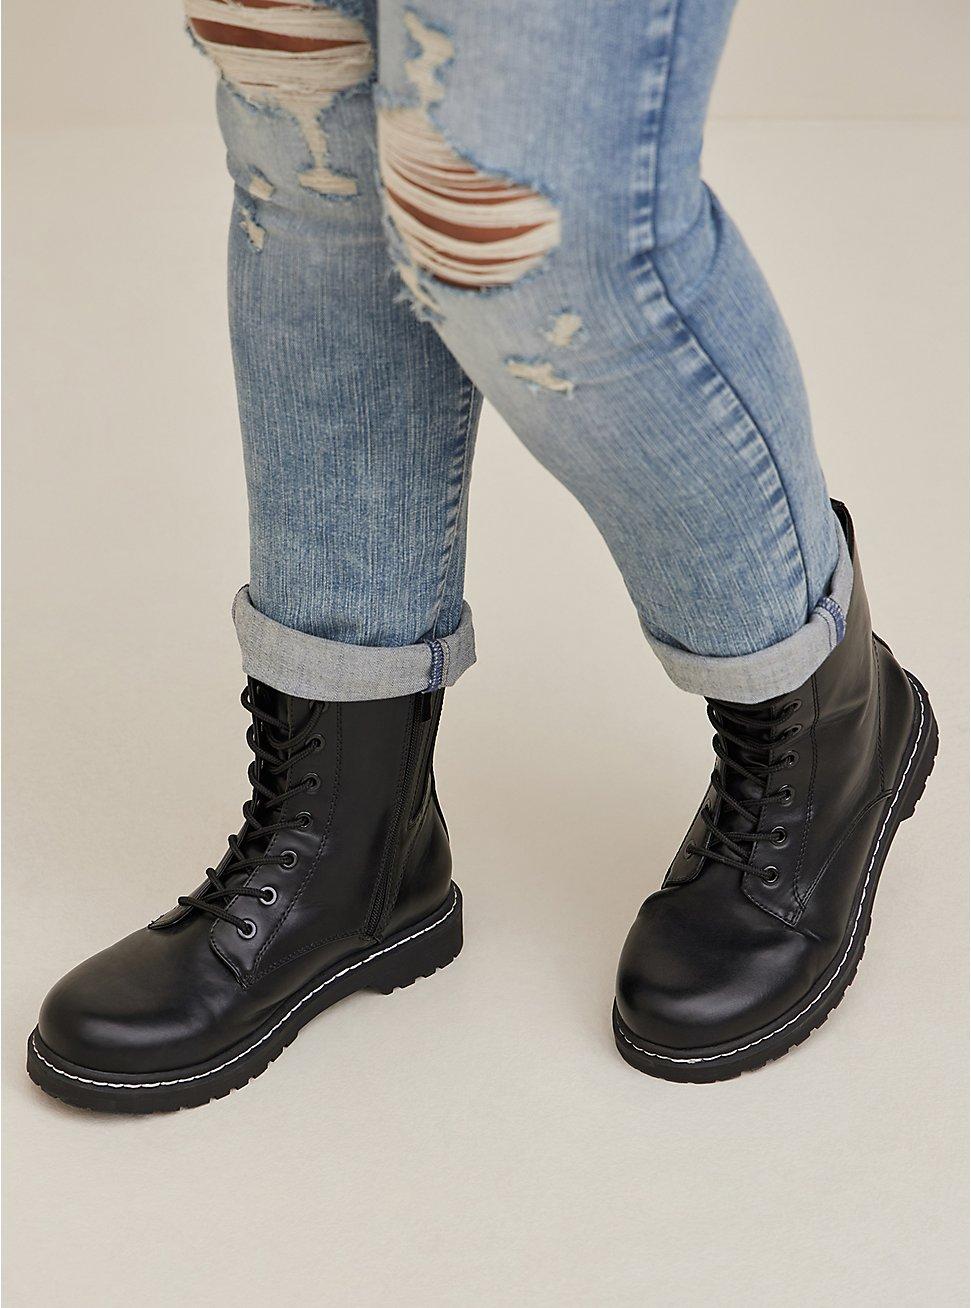 Plus Size Black Faux Leather Lace-Up Combat Boot (WW), BLACK, hi-res